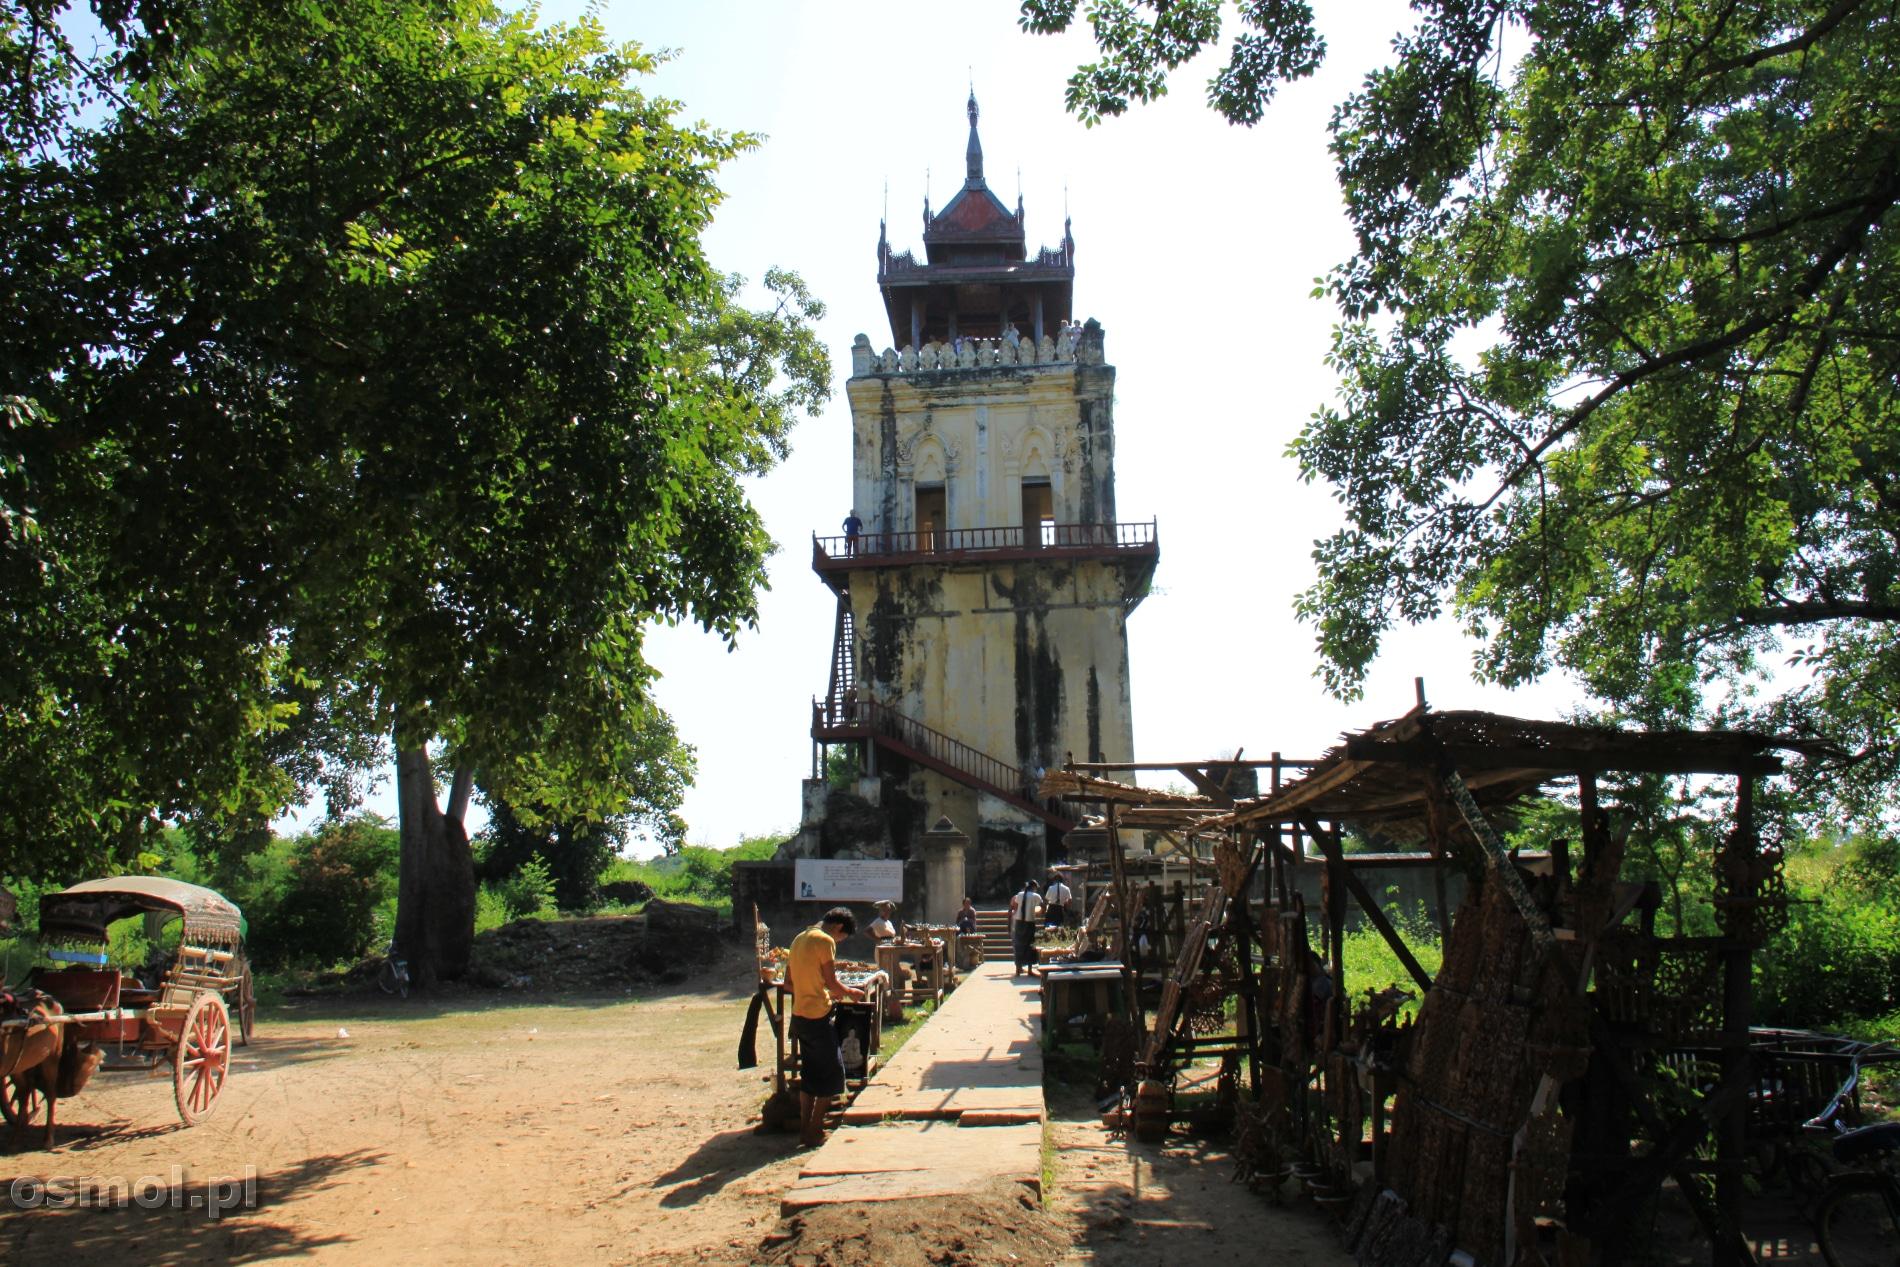 Inwa wieża pozostala z dawnego palacu